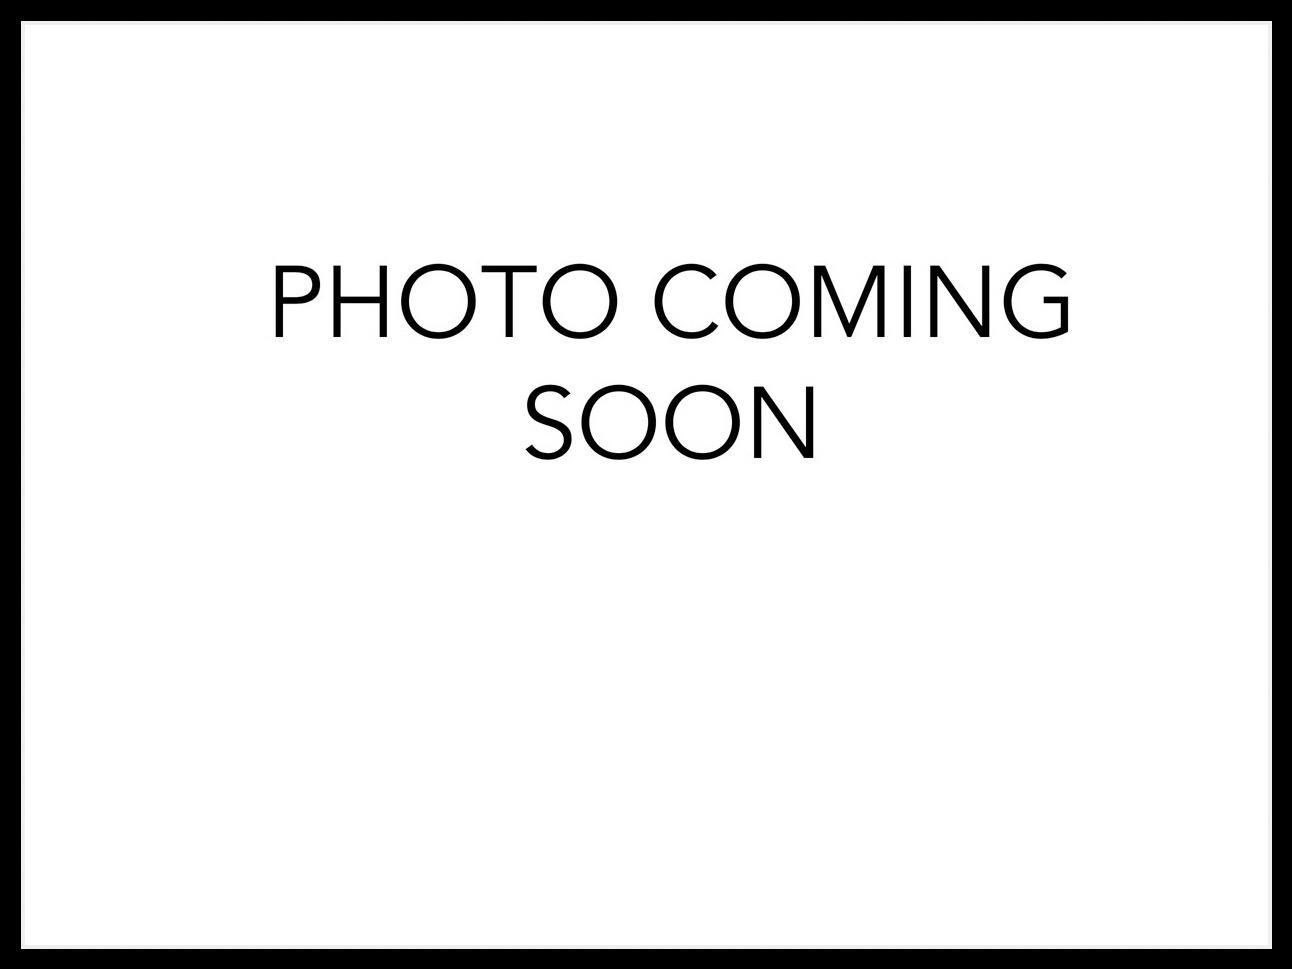 DEA40321-B3D8-4DF5-B6FF-83923B19C573(1).JPEG